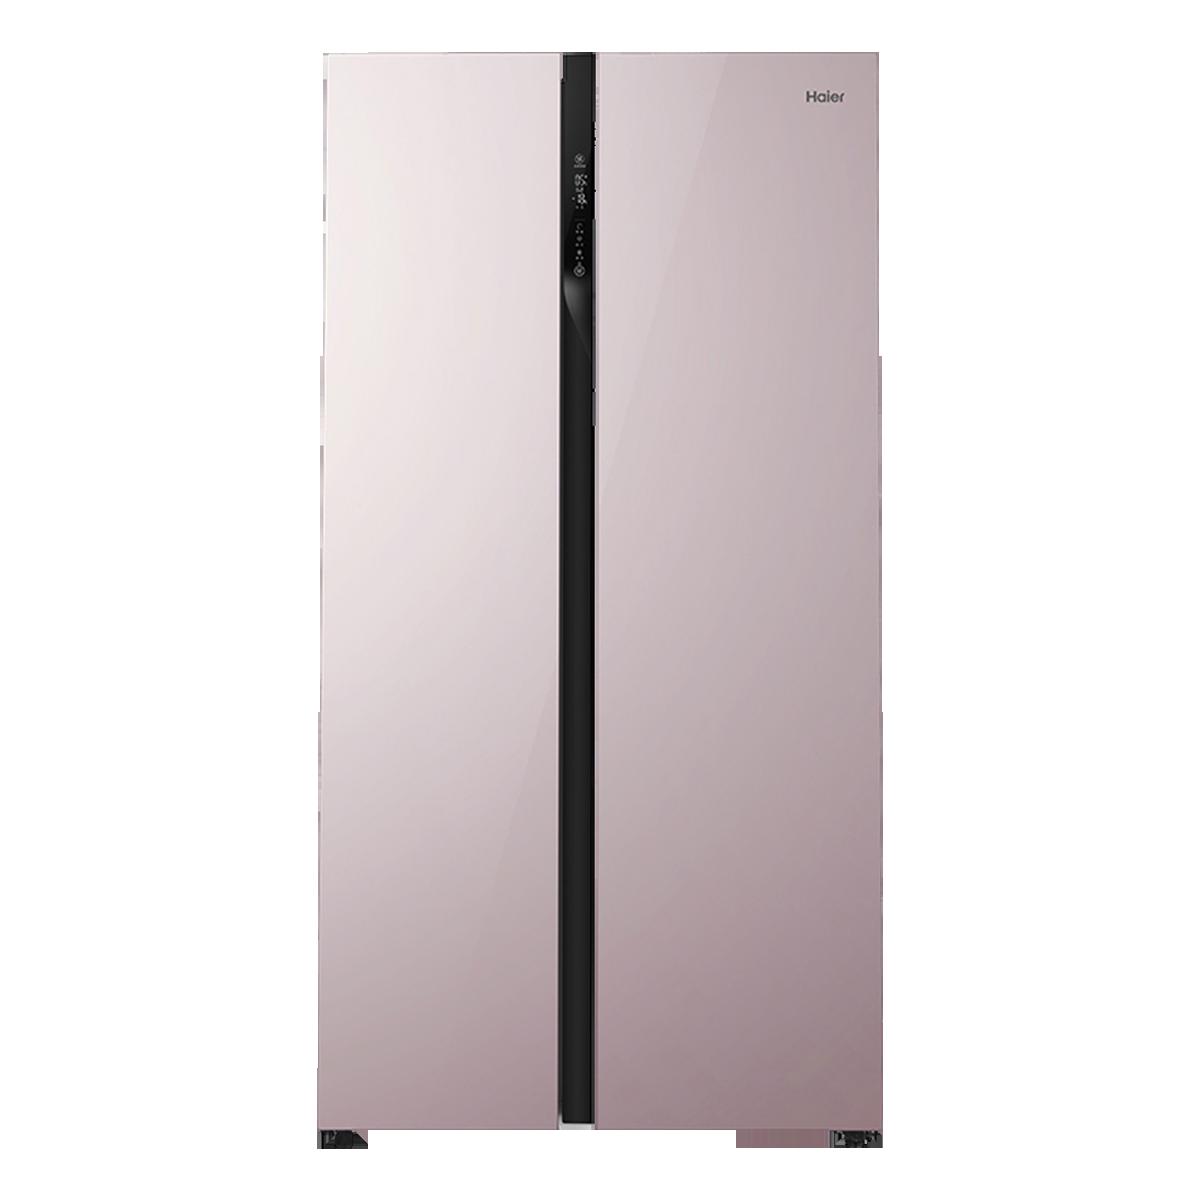 海尔Haier冰箱 BCD-600WDCD 说明书